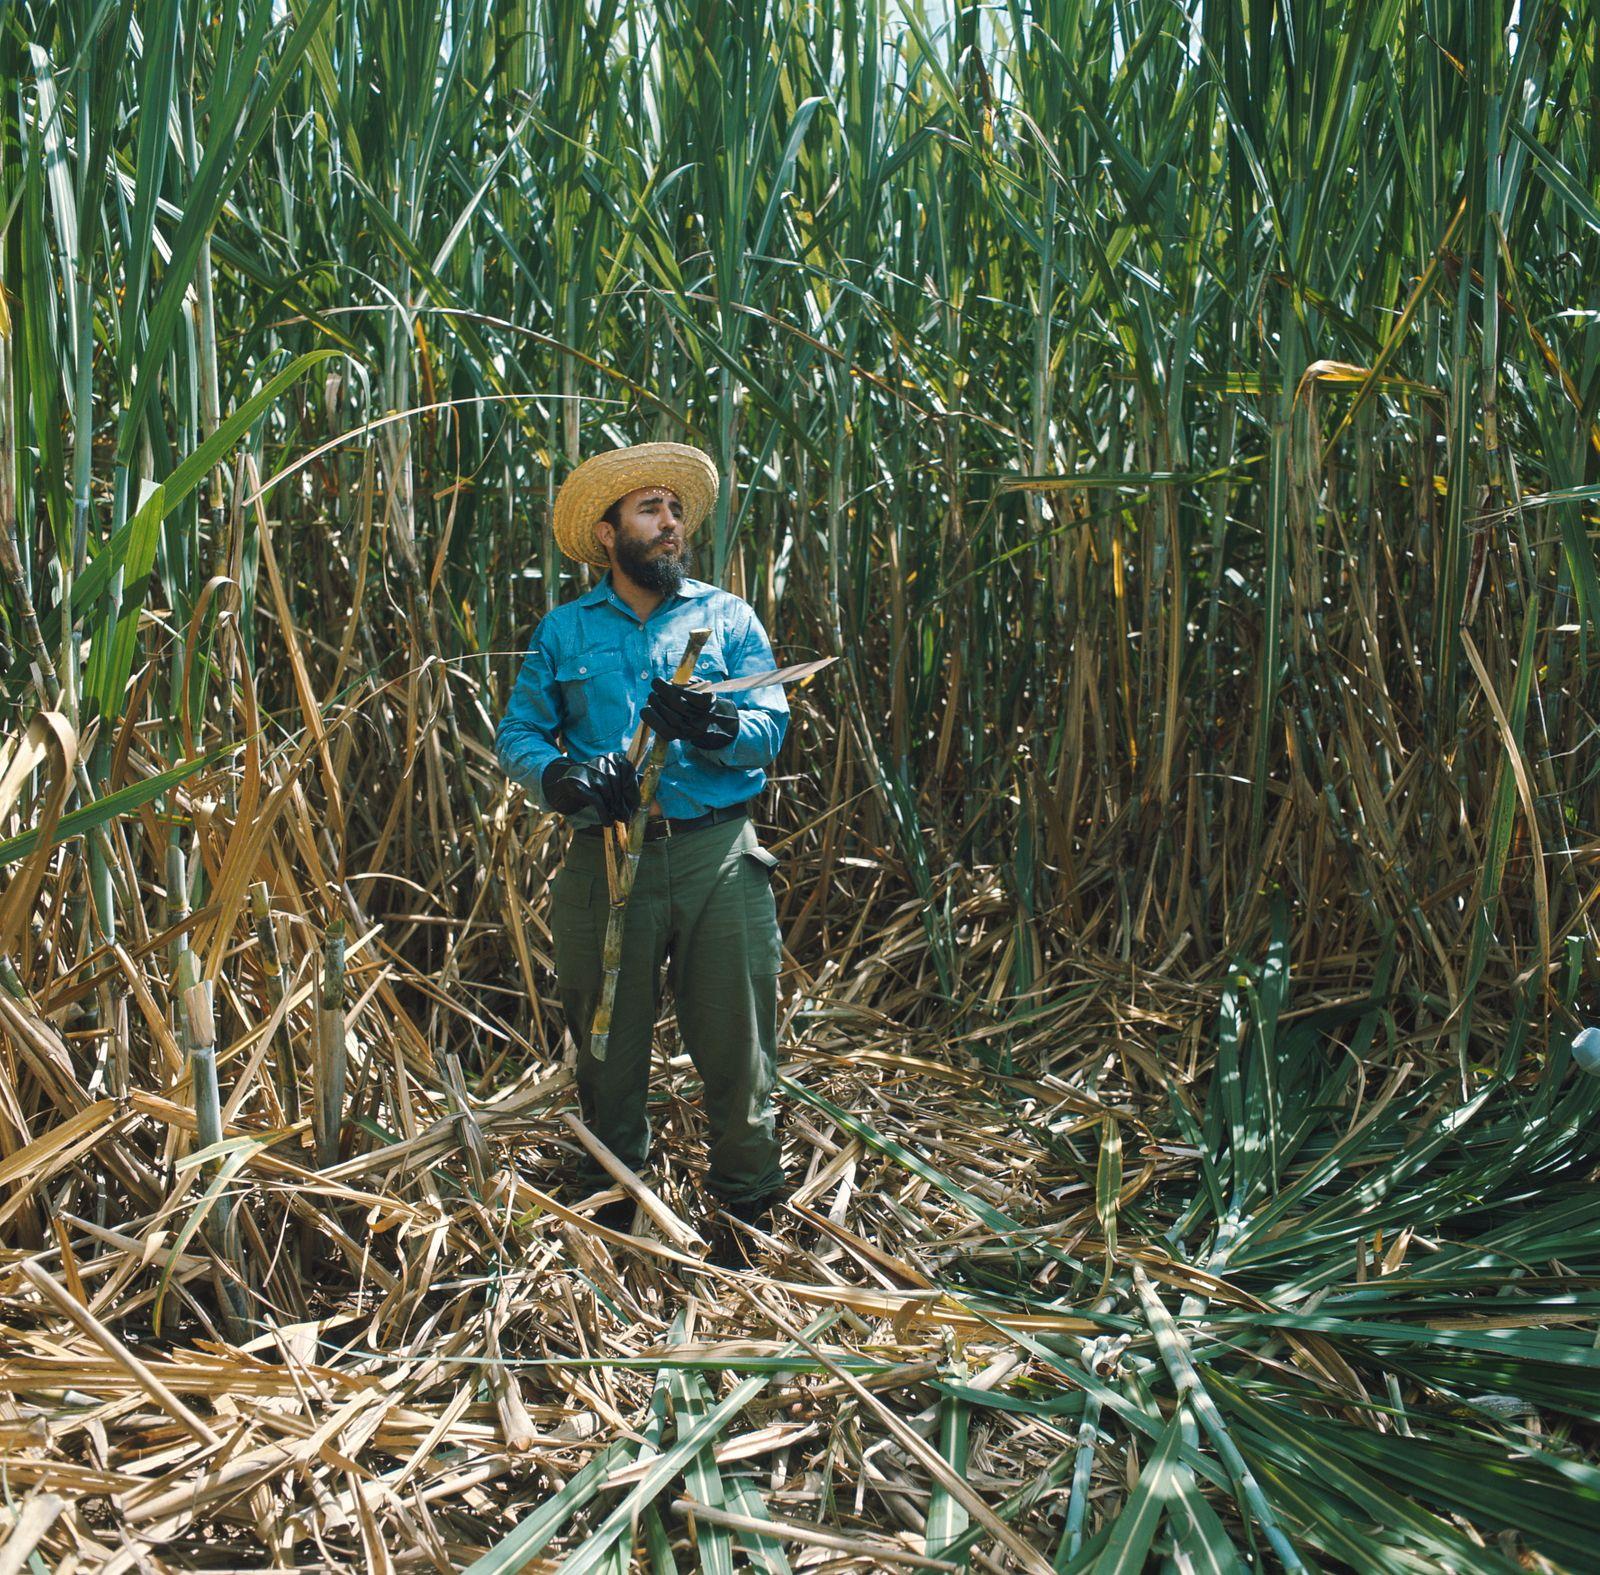 Cuba: Fidel Castro To Fight The Battle Of Sugar